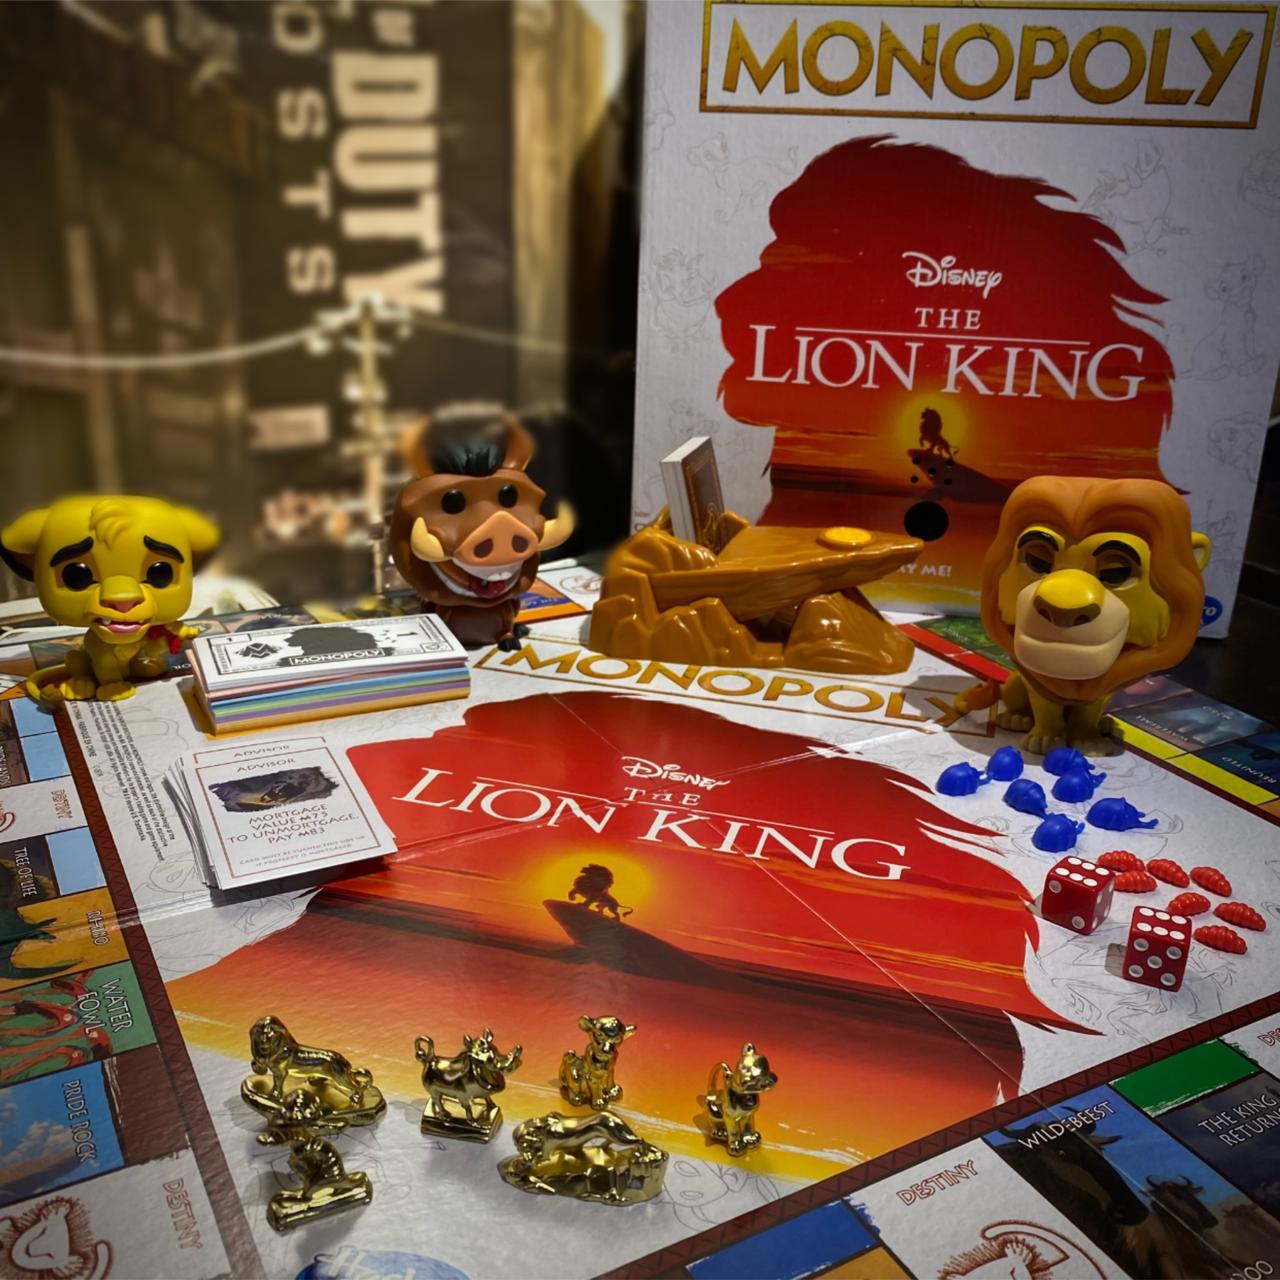 Jogo de Tabuleiro (Board Games) Monopoly O Rei Leão (The Lion King) Disney - Hasbro Gaming